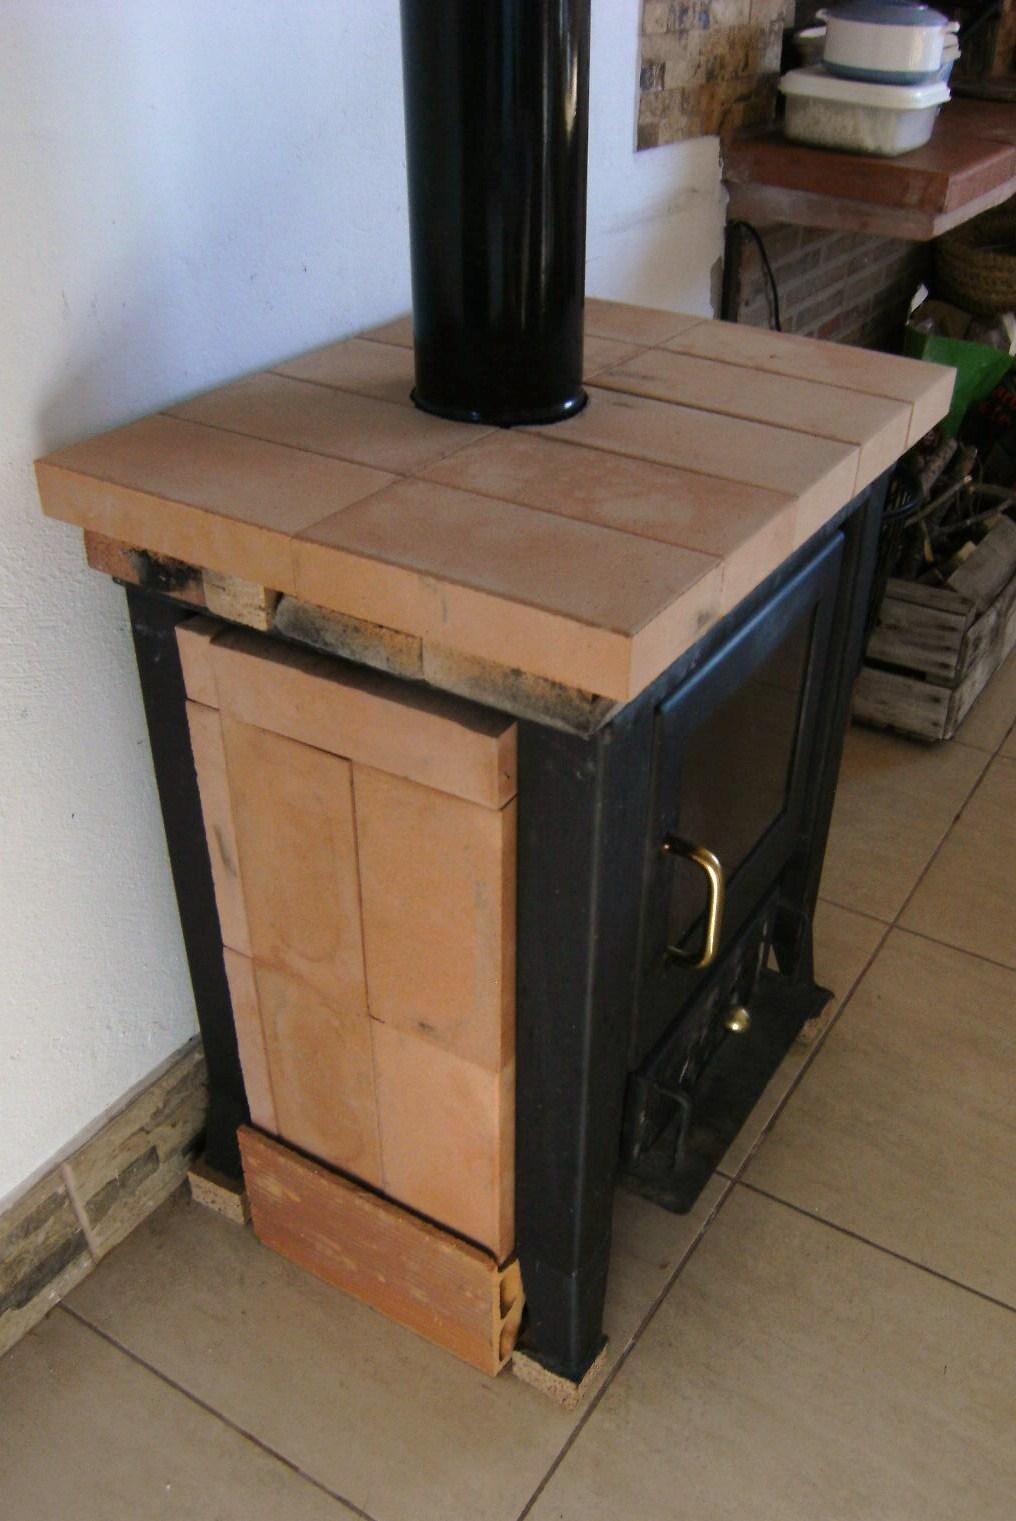 Energia solar casera y utiles enero 2012 for Estufas de lena caseras